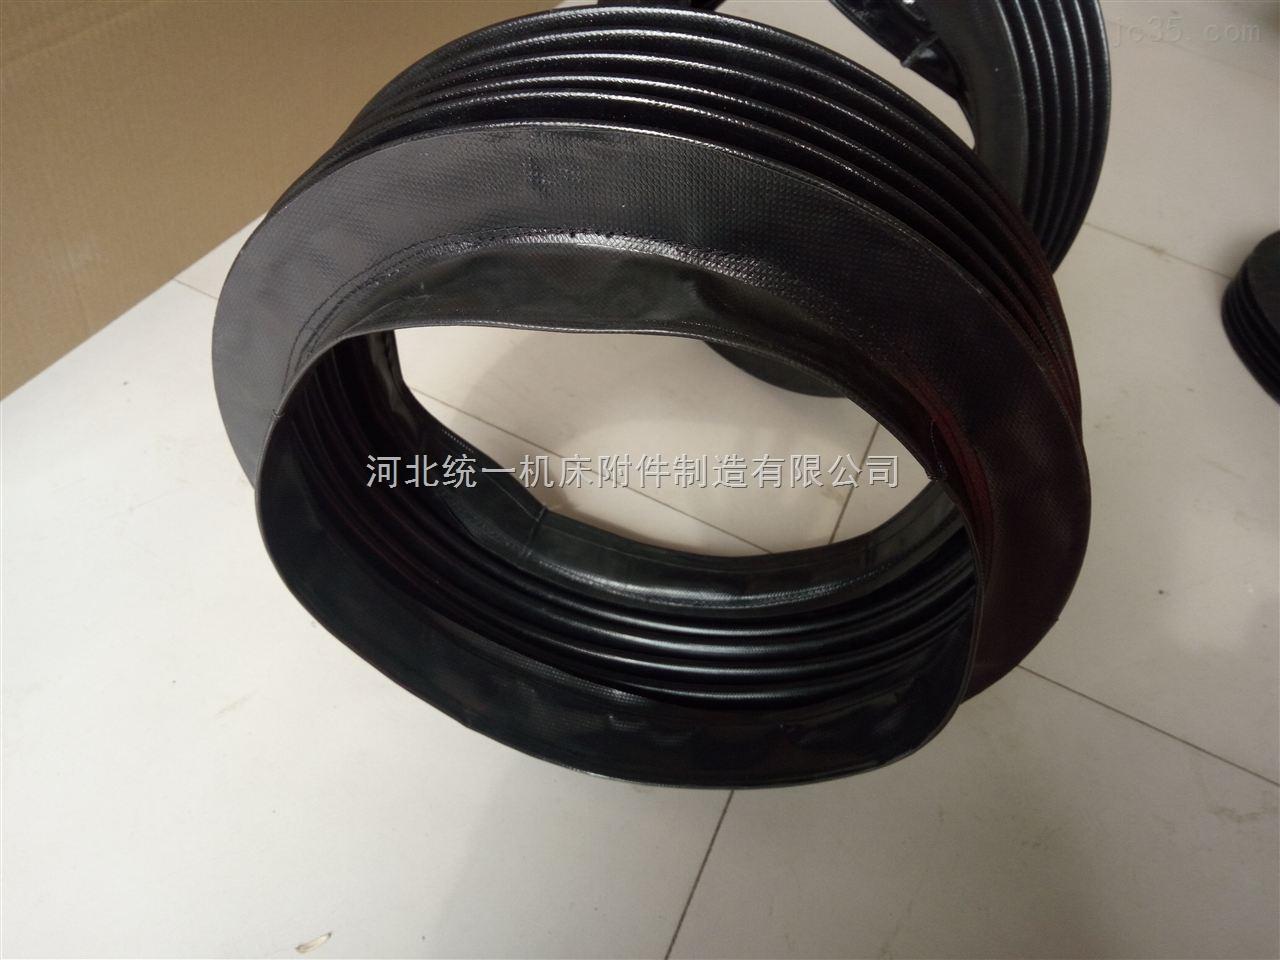 苏州机械自然领口除尘密封活塞杆保护套生产厂家